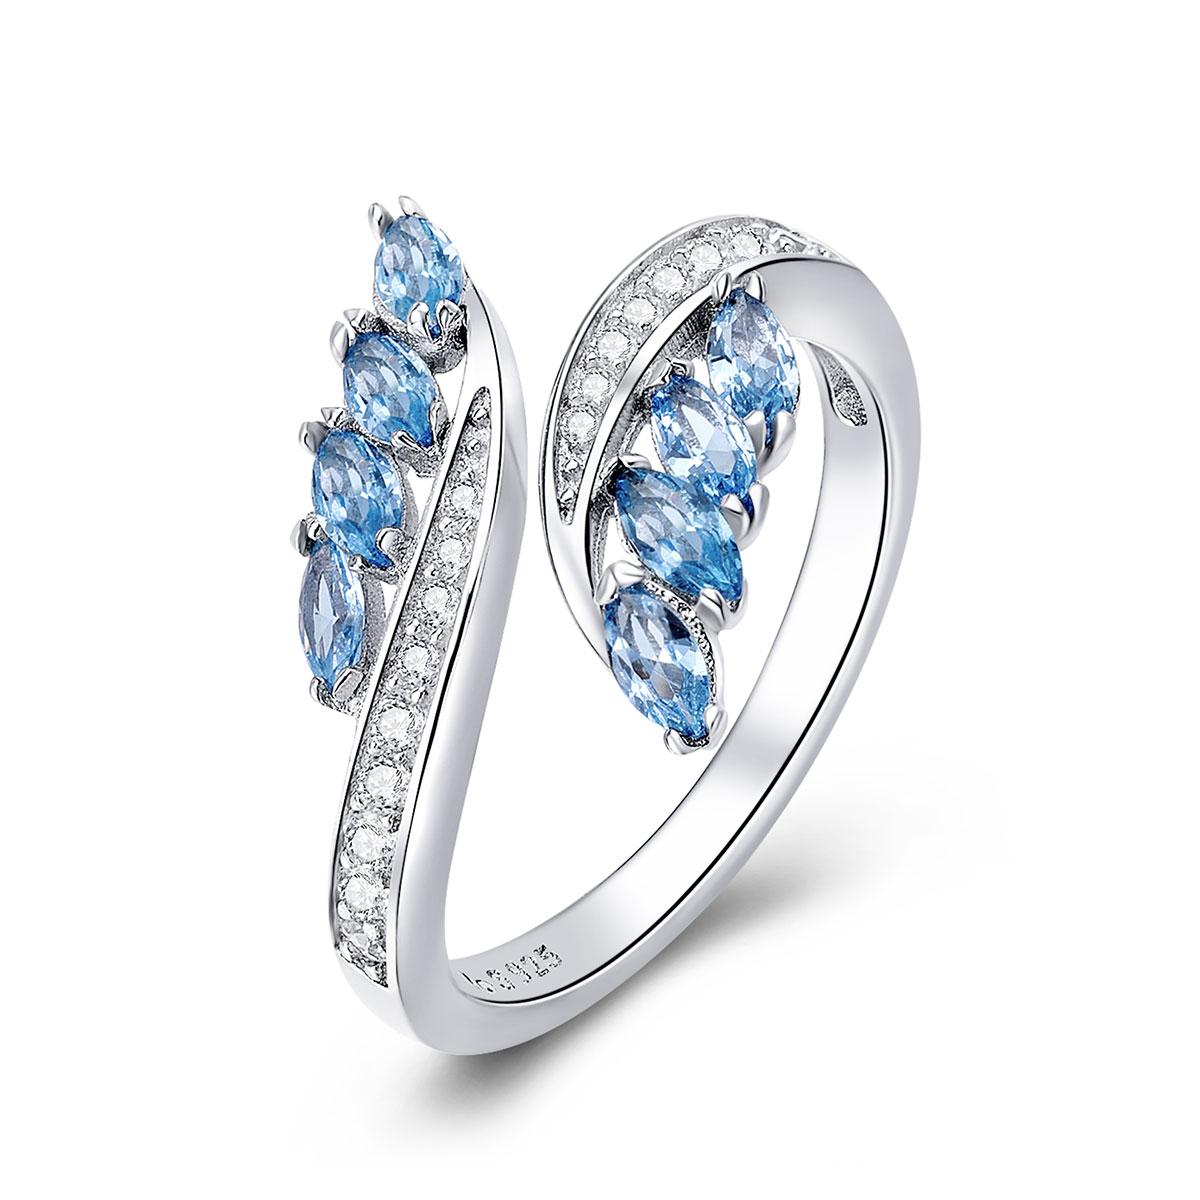 OLIVIE Strieborný prsteň VODA 4243 Ag 925; ≤2,4 g.